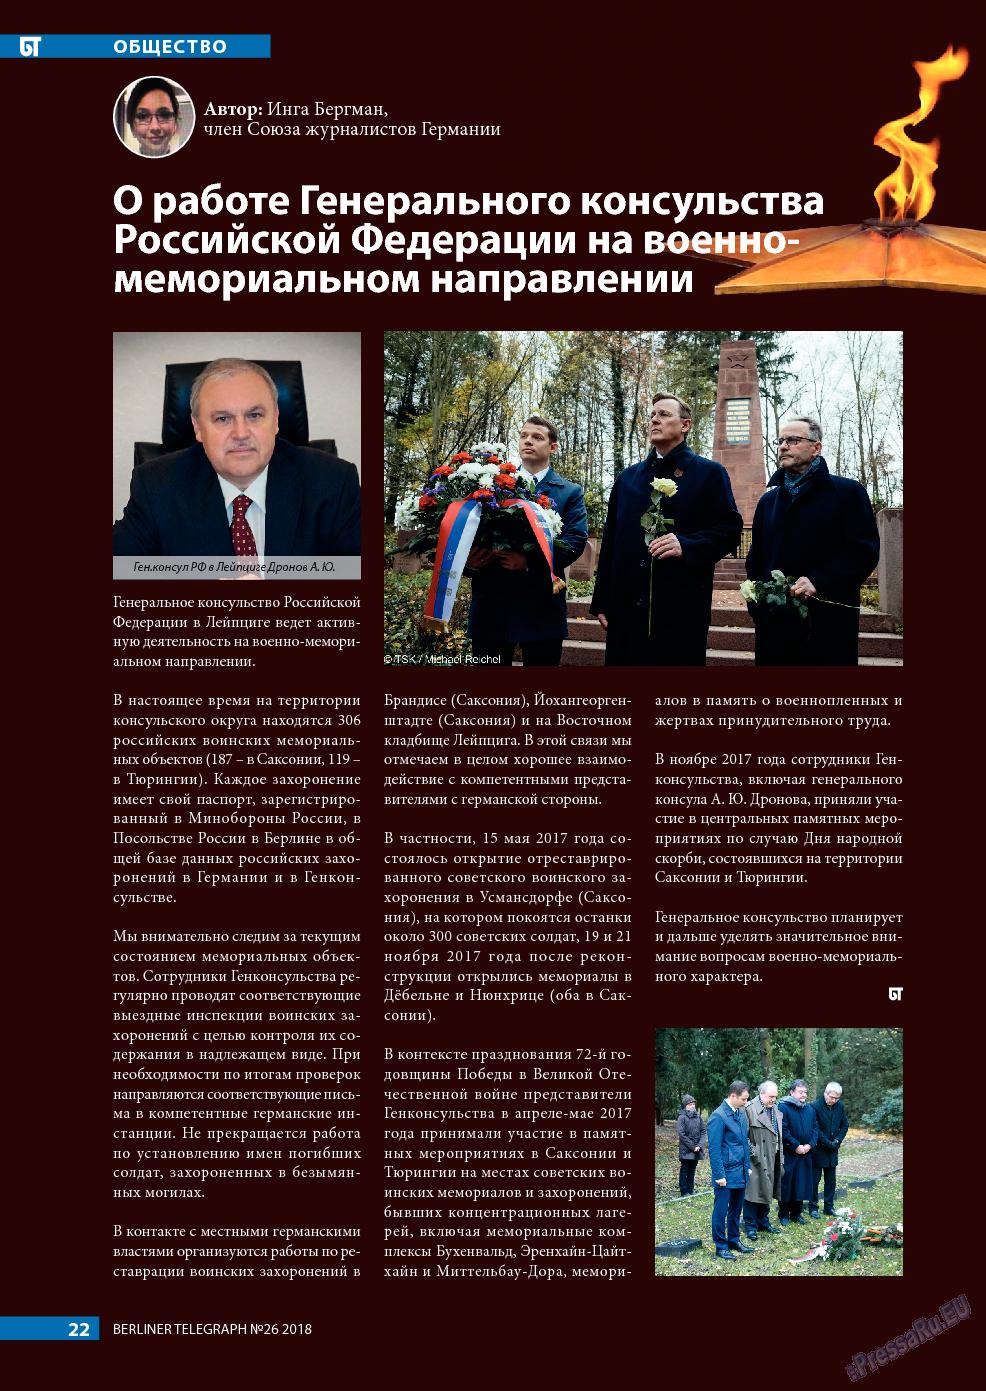 Берлинский телеграф (журнал). 2018 год, номер 26, стр. 22